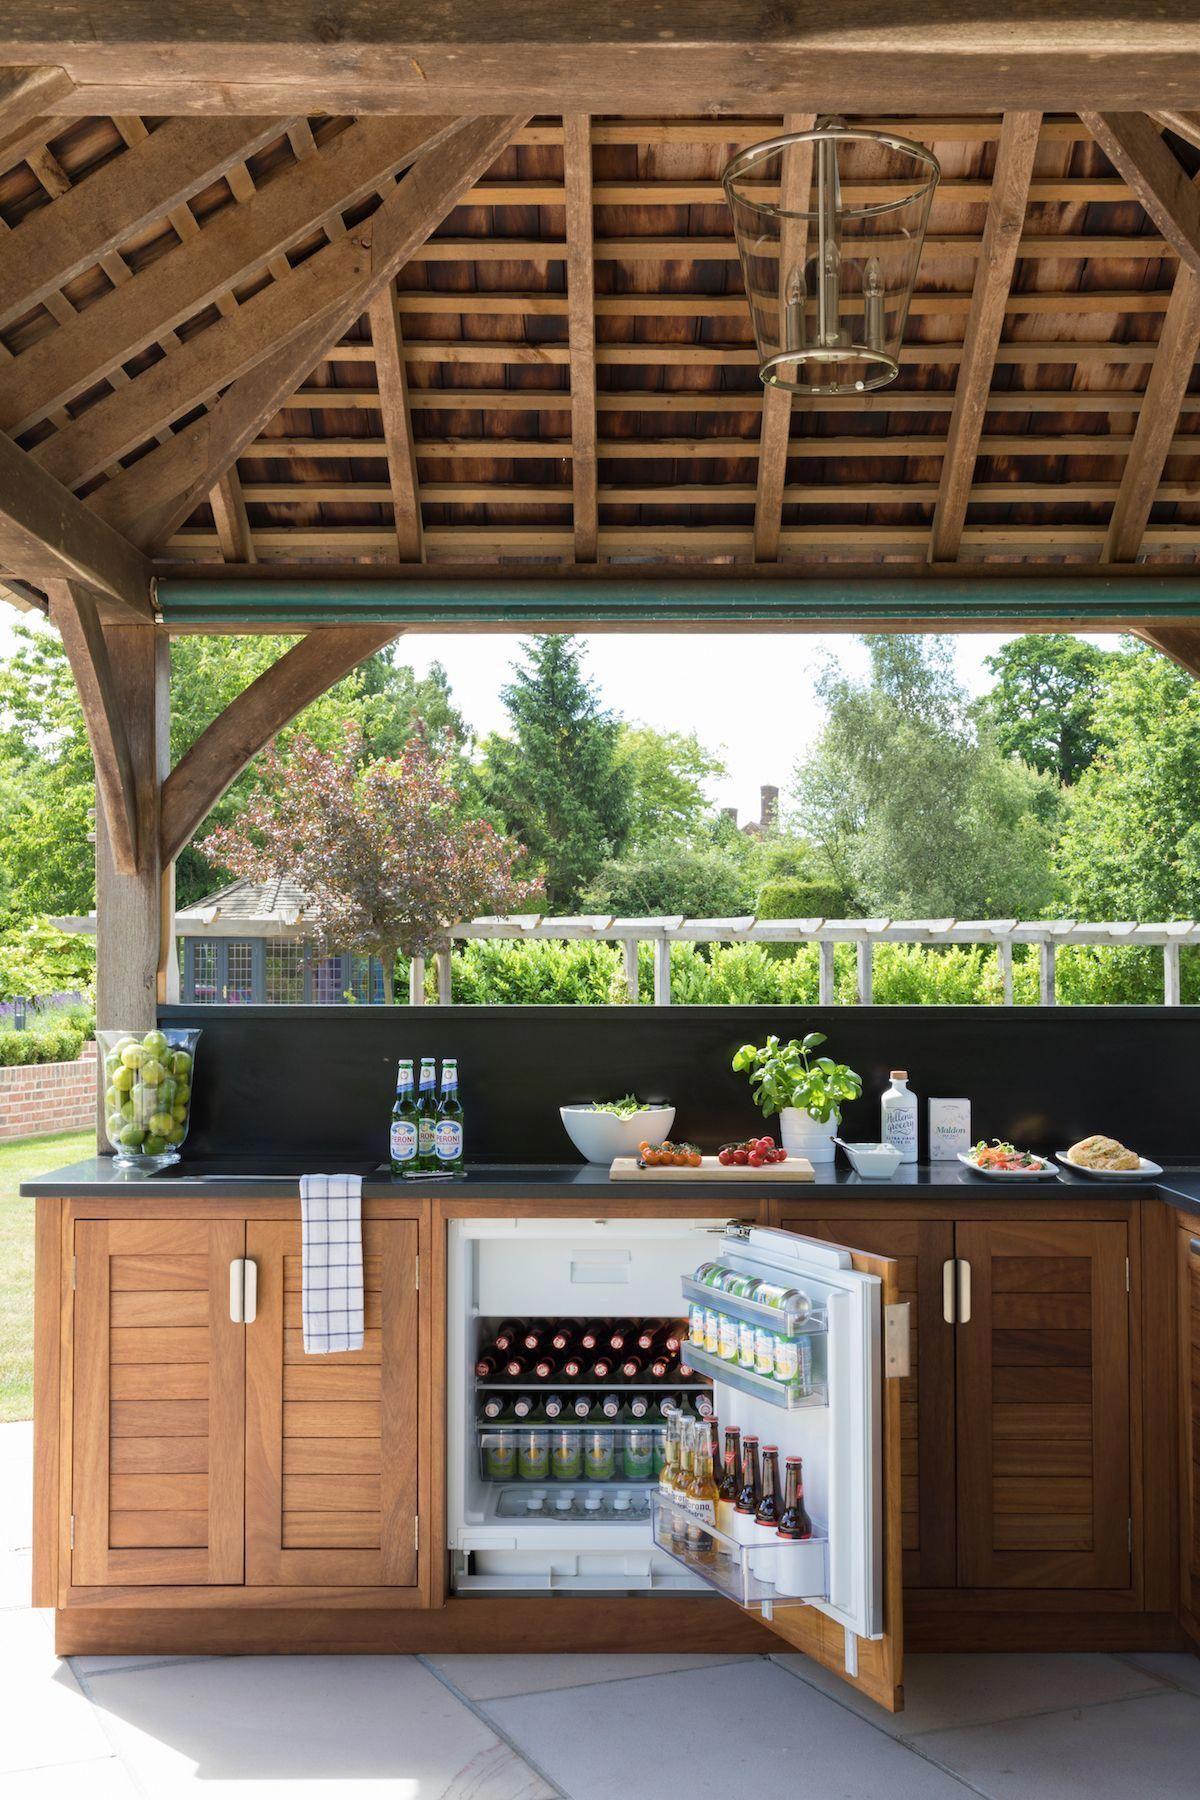 27 most favourite outdoor kitchen ideas that will impress your friends outdoor kitchen decor on outdoor kitchen essentials id=19620